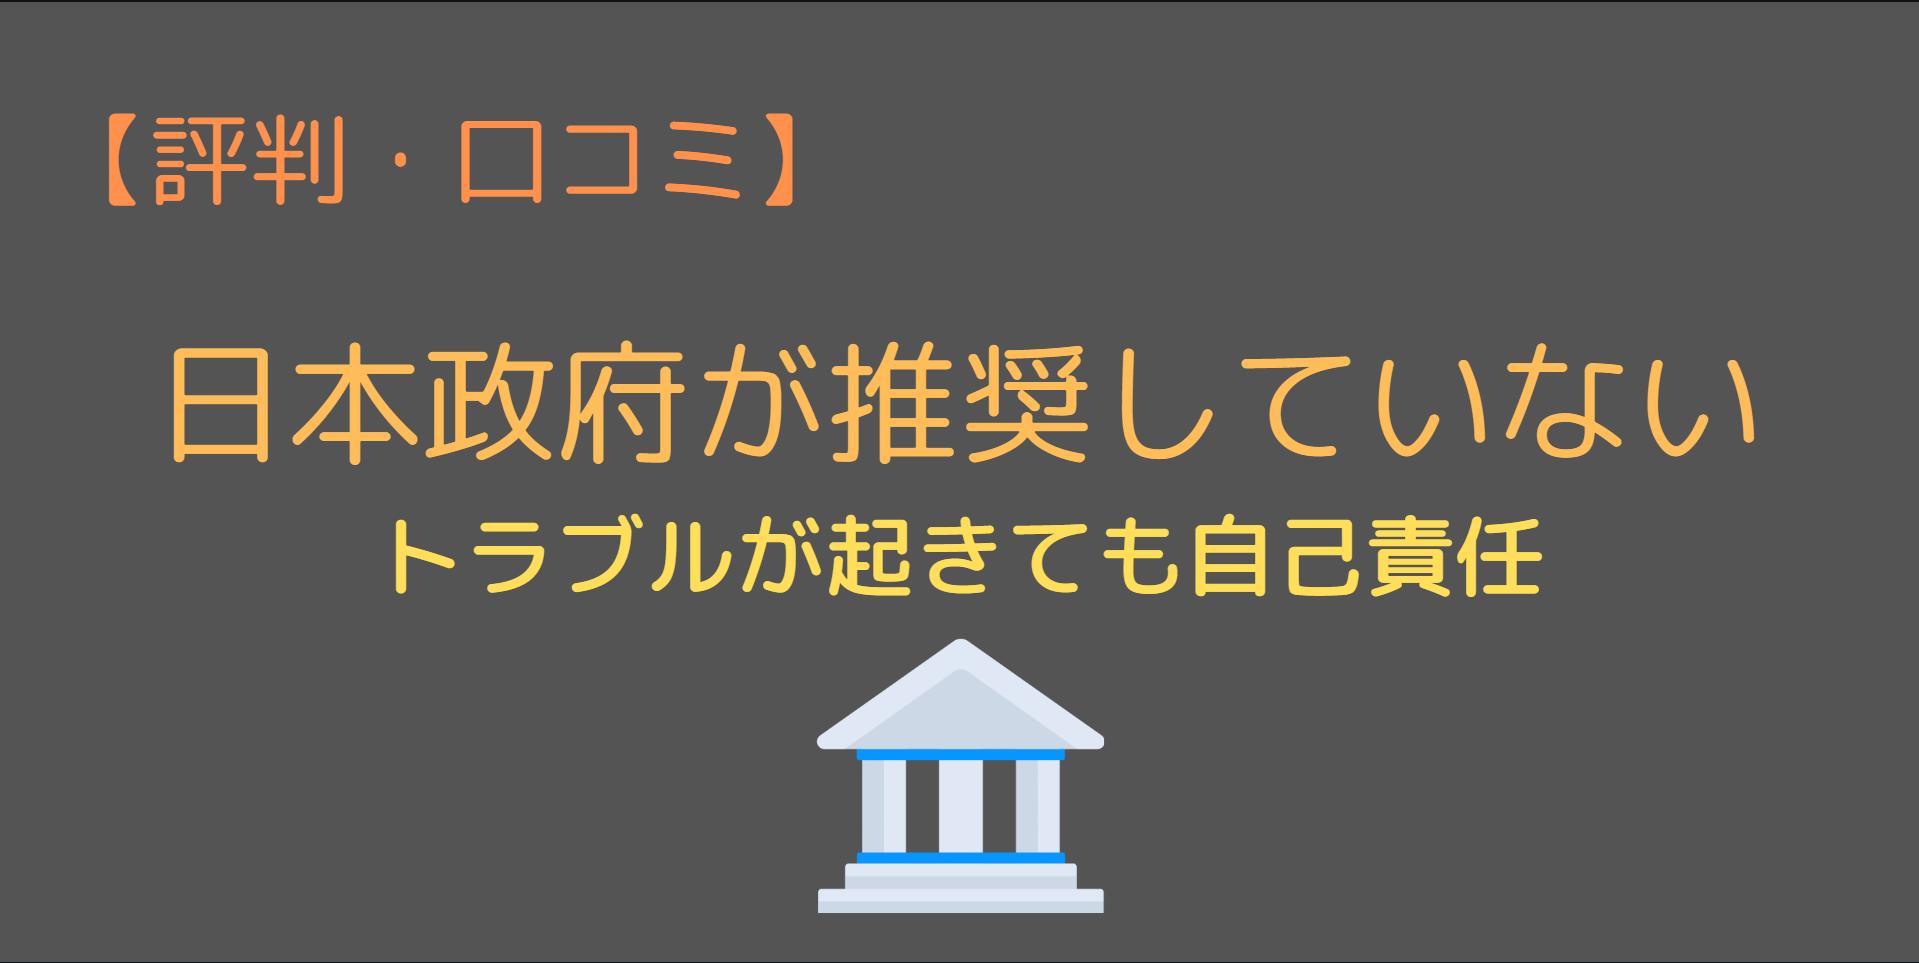 バイナリーオプション 評判・口コミ